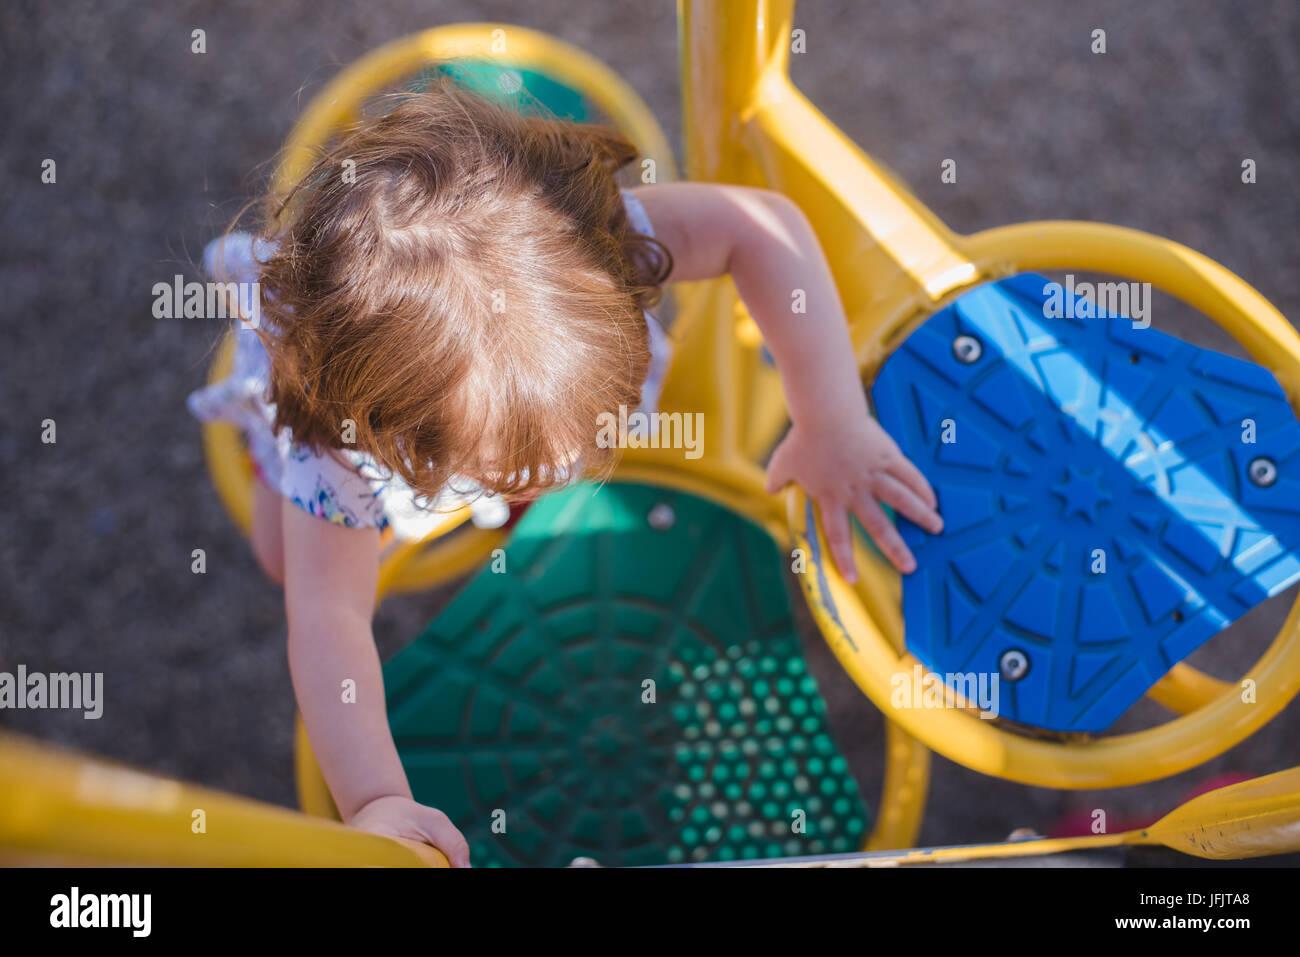 Ein junges Mädchen klettert auf Spielgeräten im Sonnenlicht leuchtend rote Schuhe tragen. Stockbild